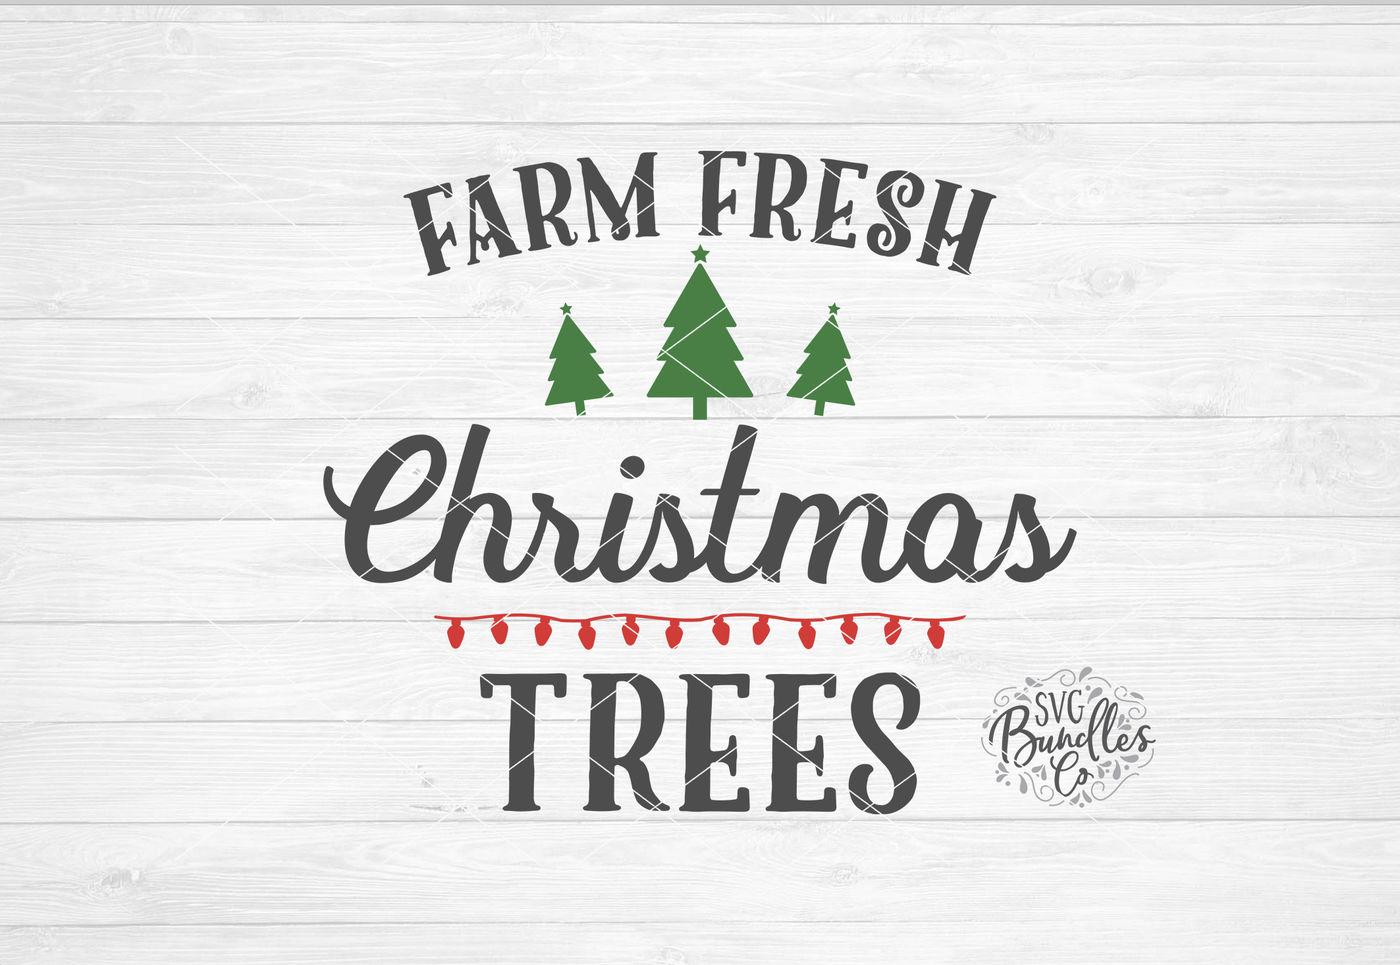 Farm Fresh Christmas Trees.Farm Fresh Christmas Trees Svg Dxf Png By Svgbundlesco